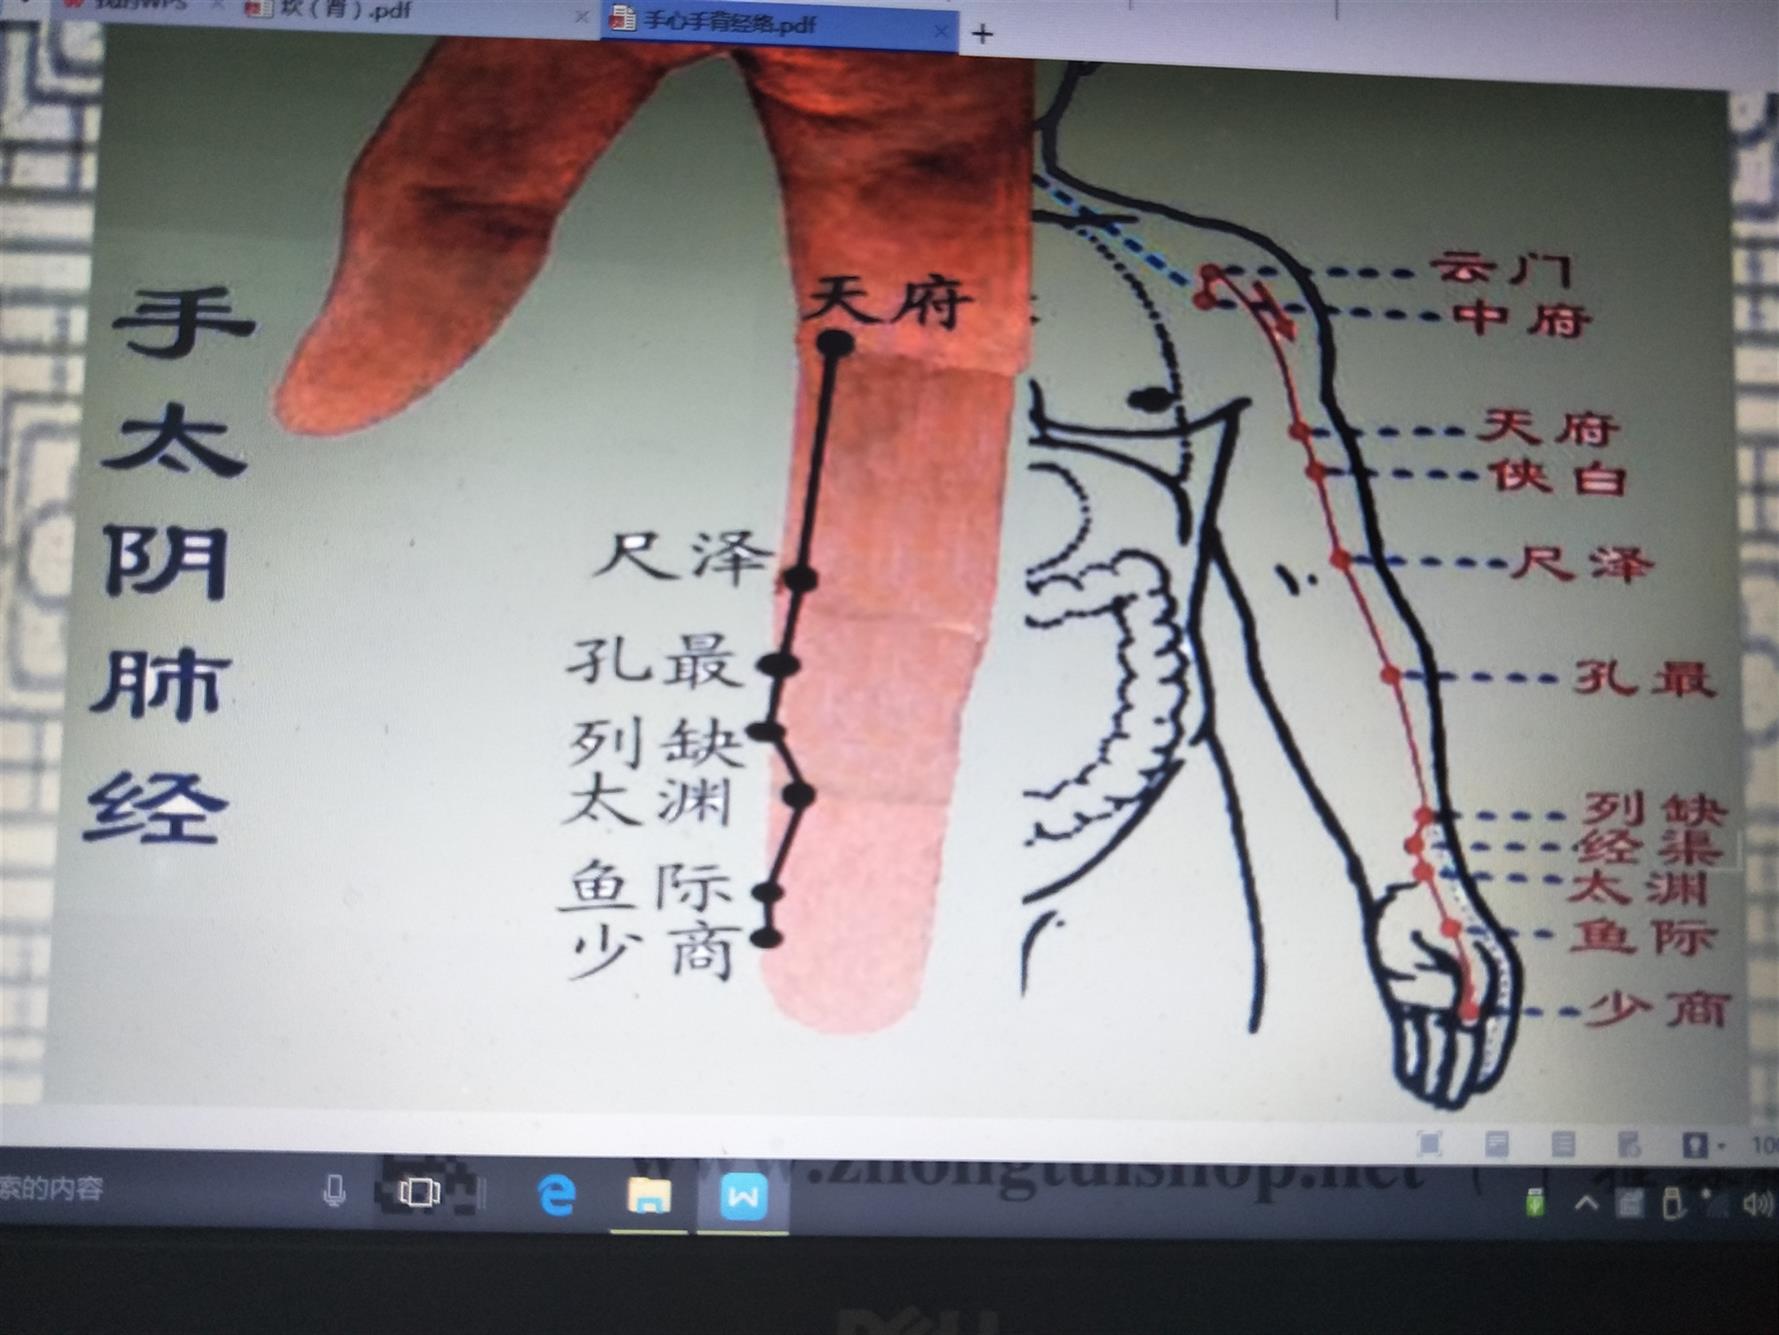 上海类疼痛病培训费用